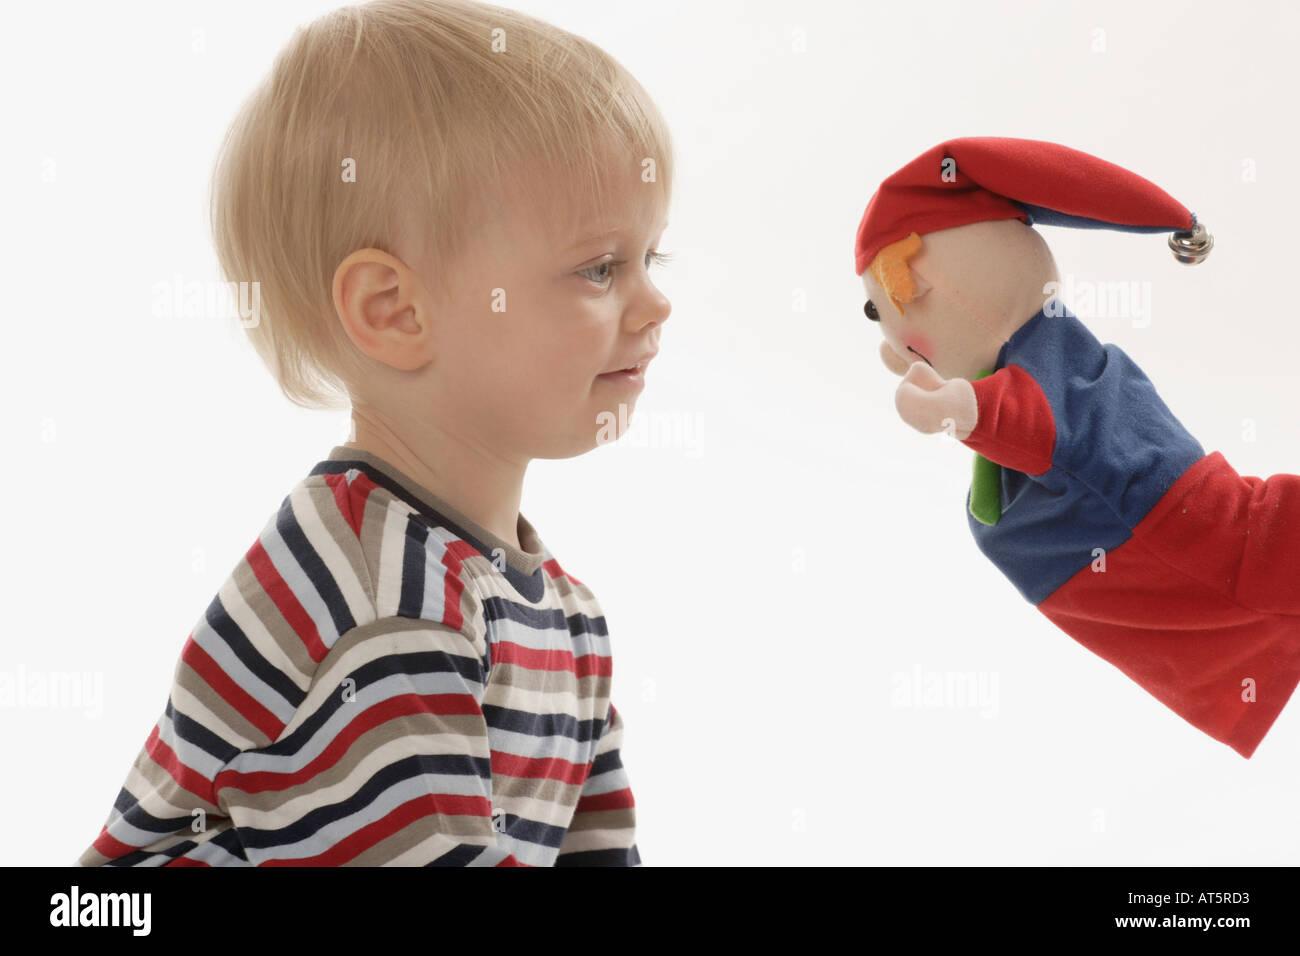 Kasperl und Kind zusammen - Stock Image